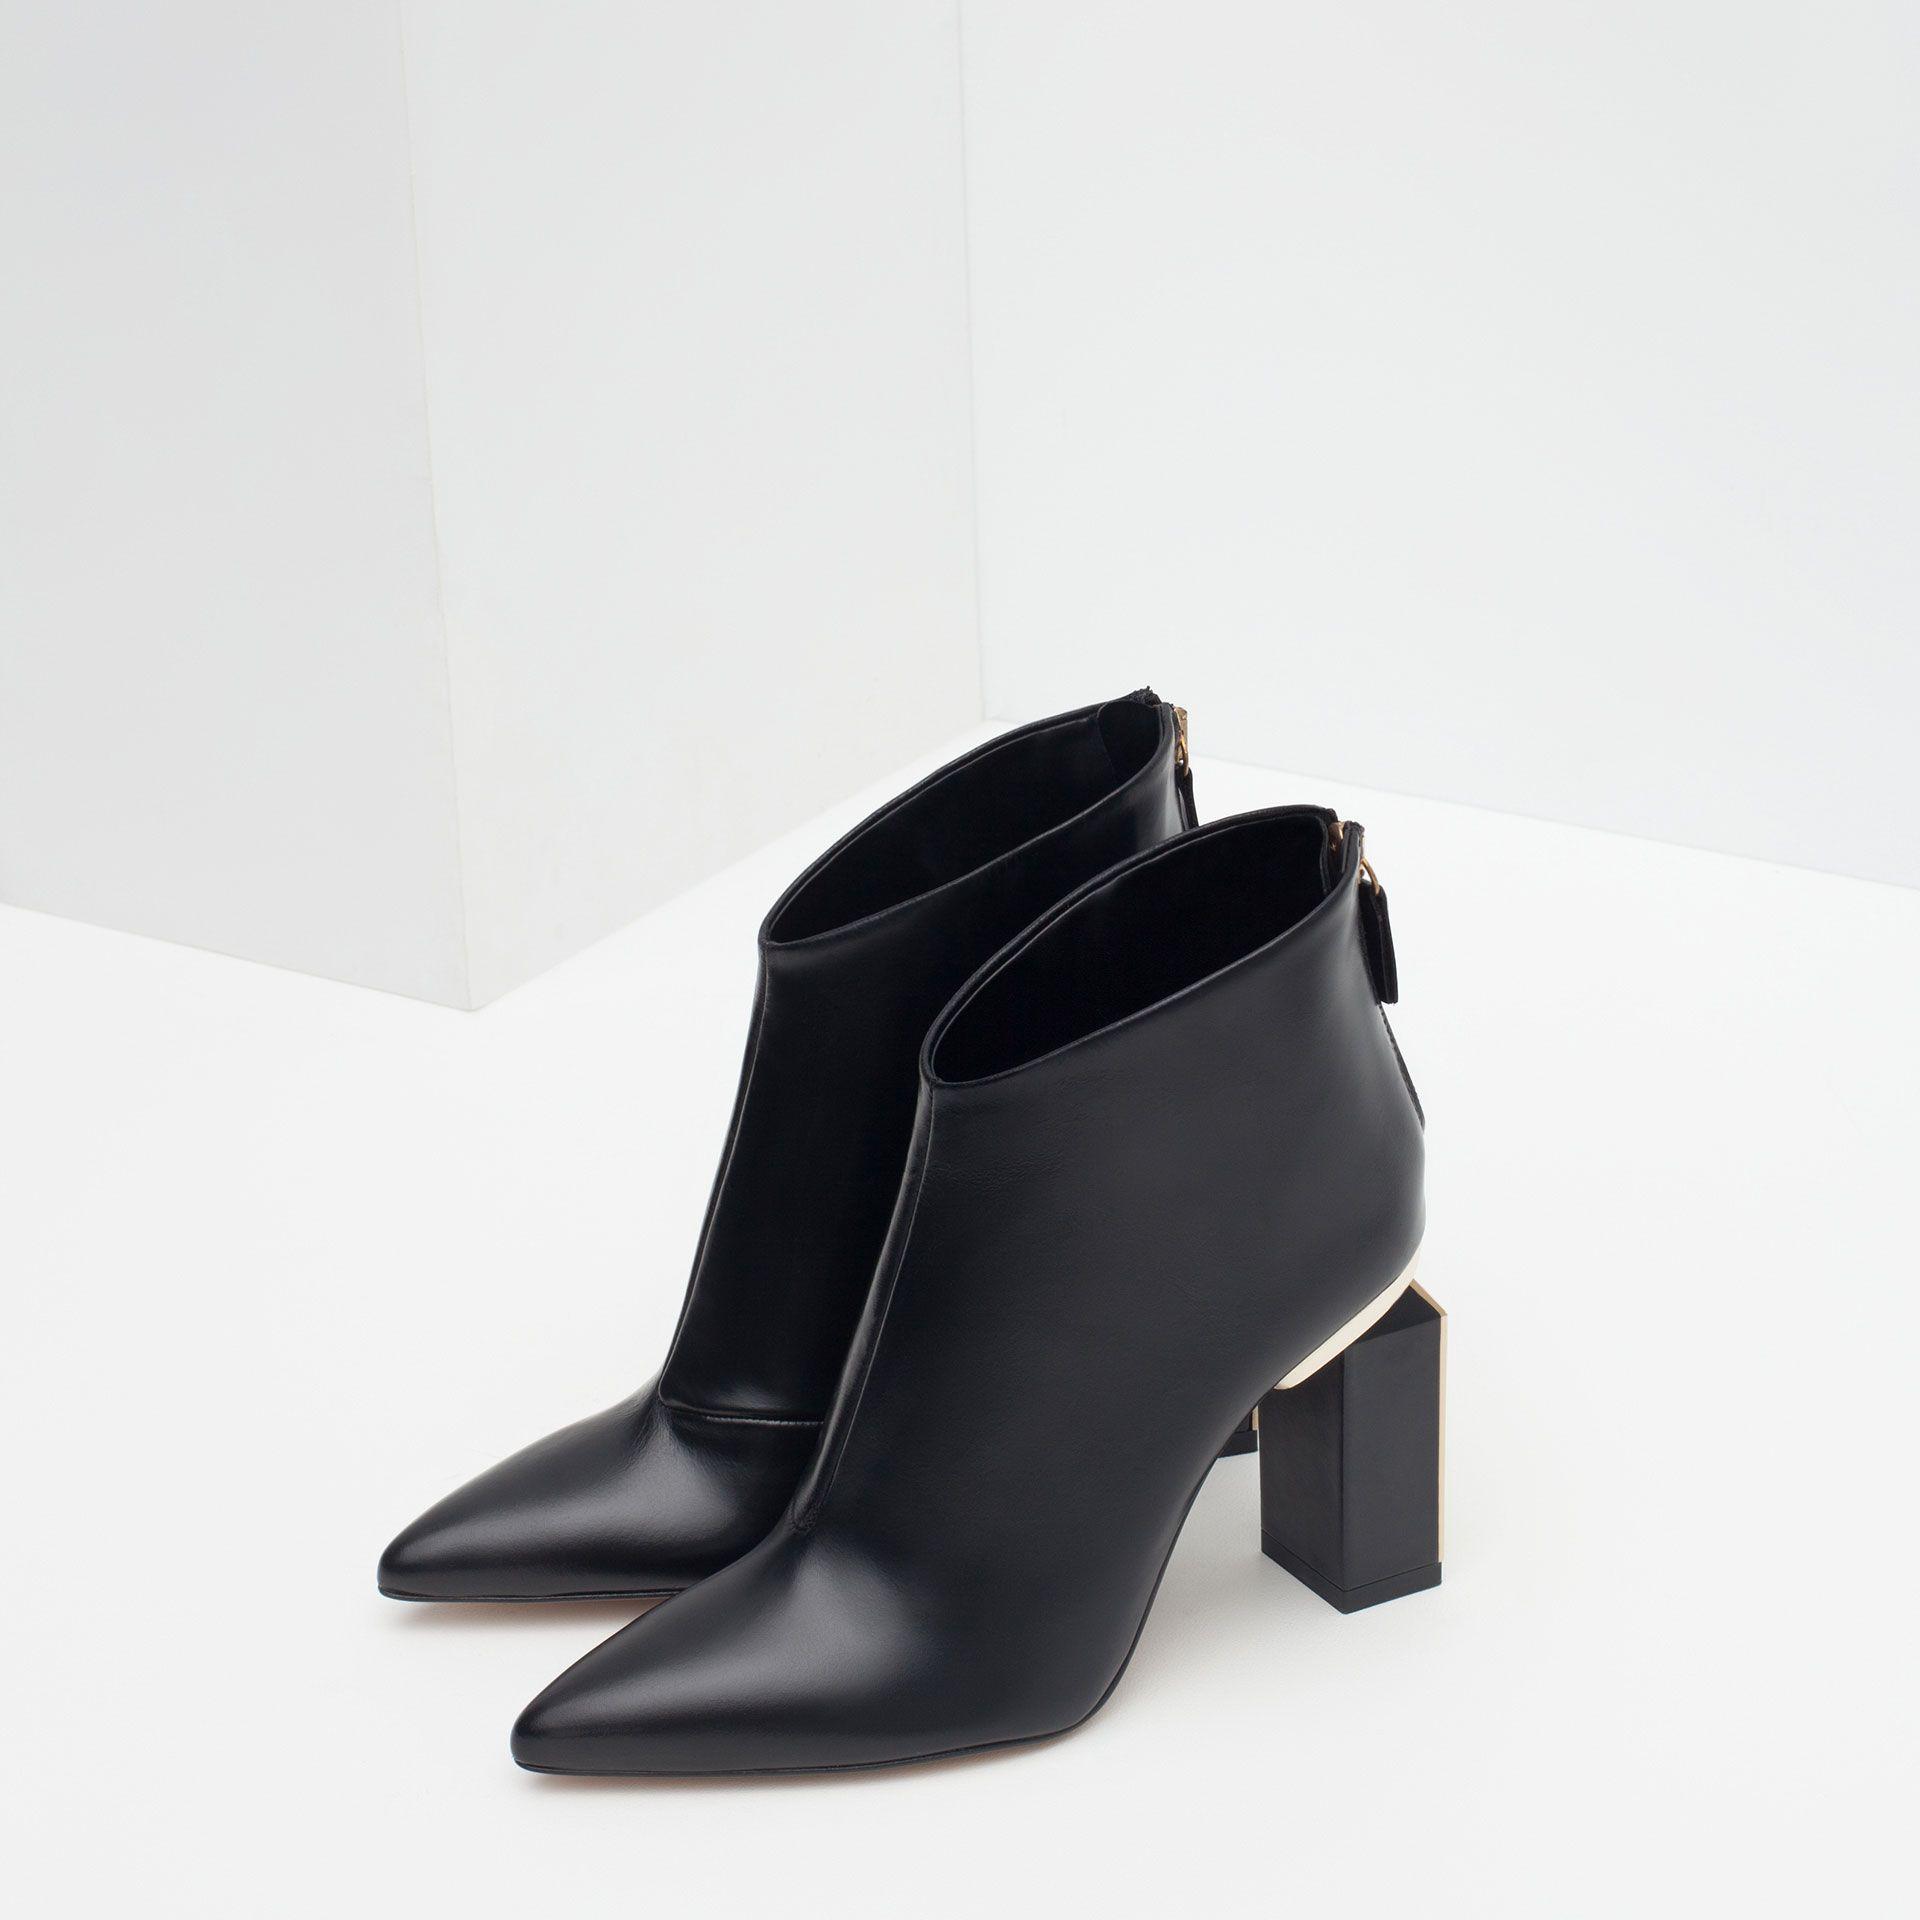 bottines À talon cuir mÉtal - tout voir - chaussures - femme